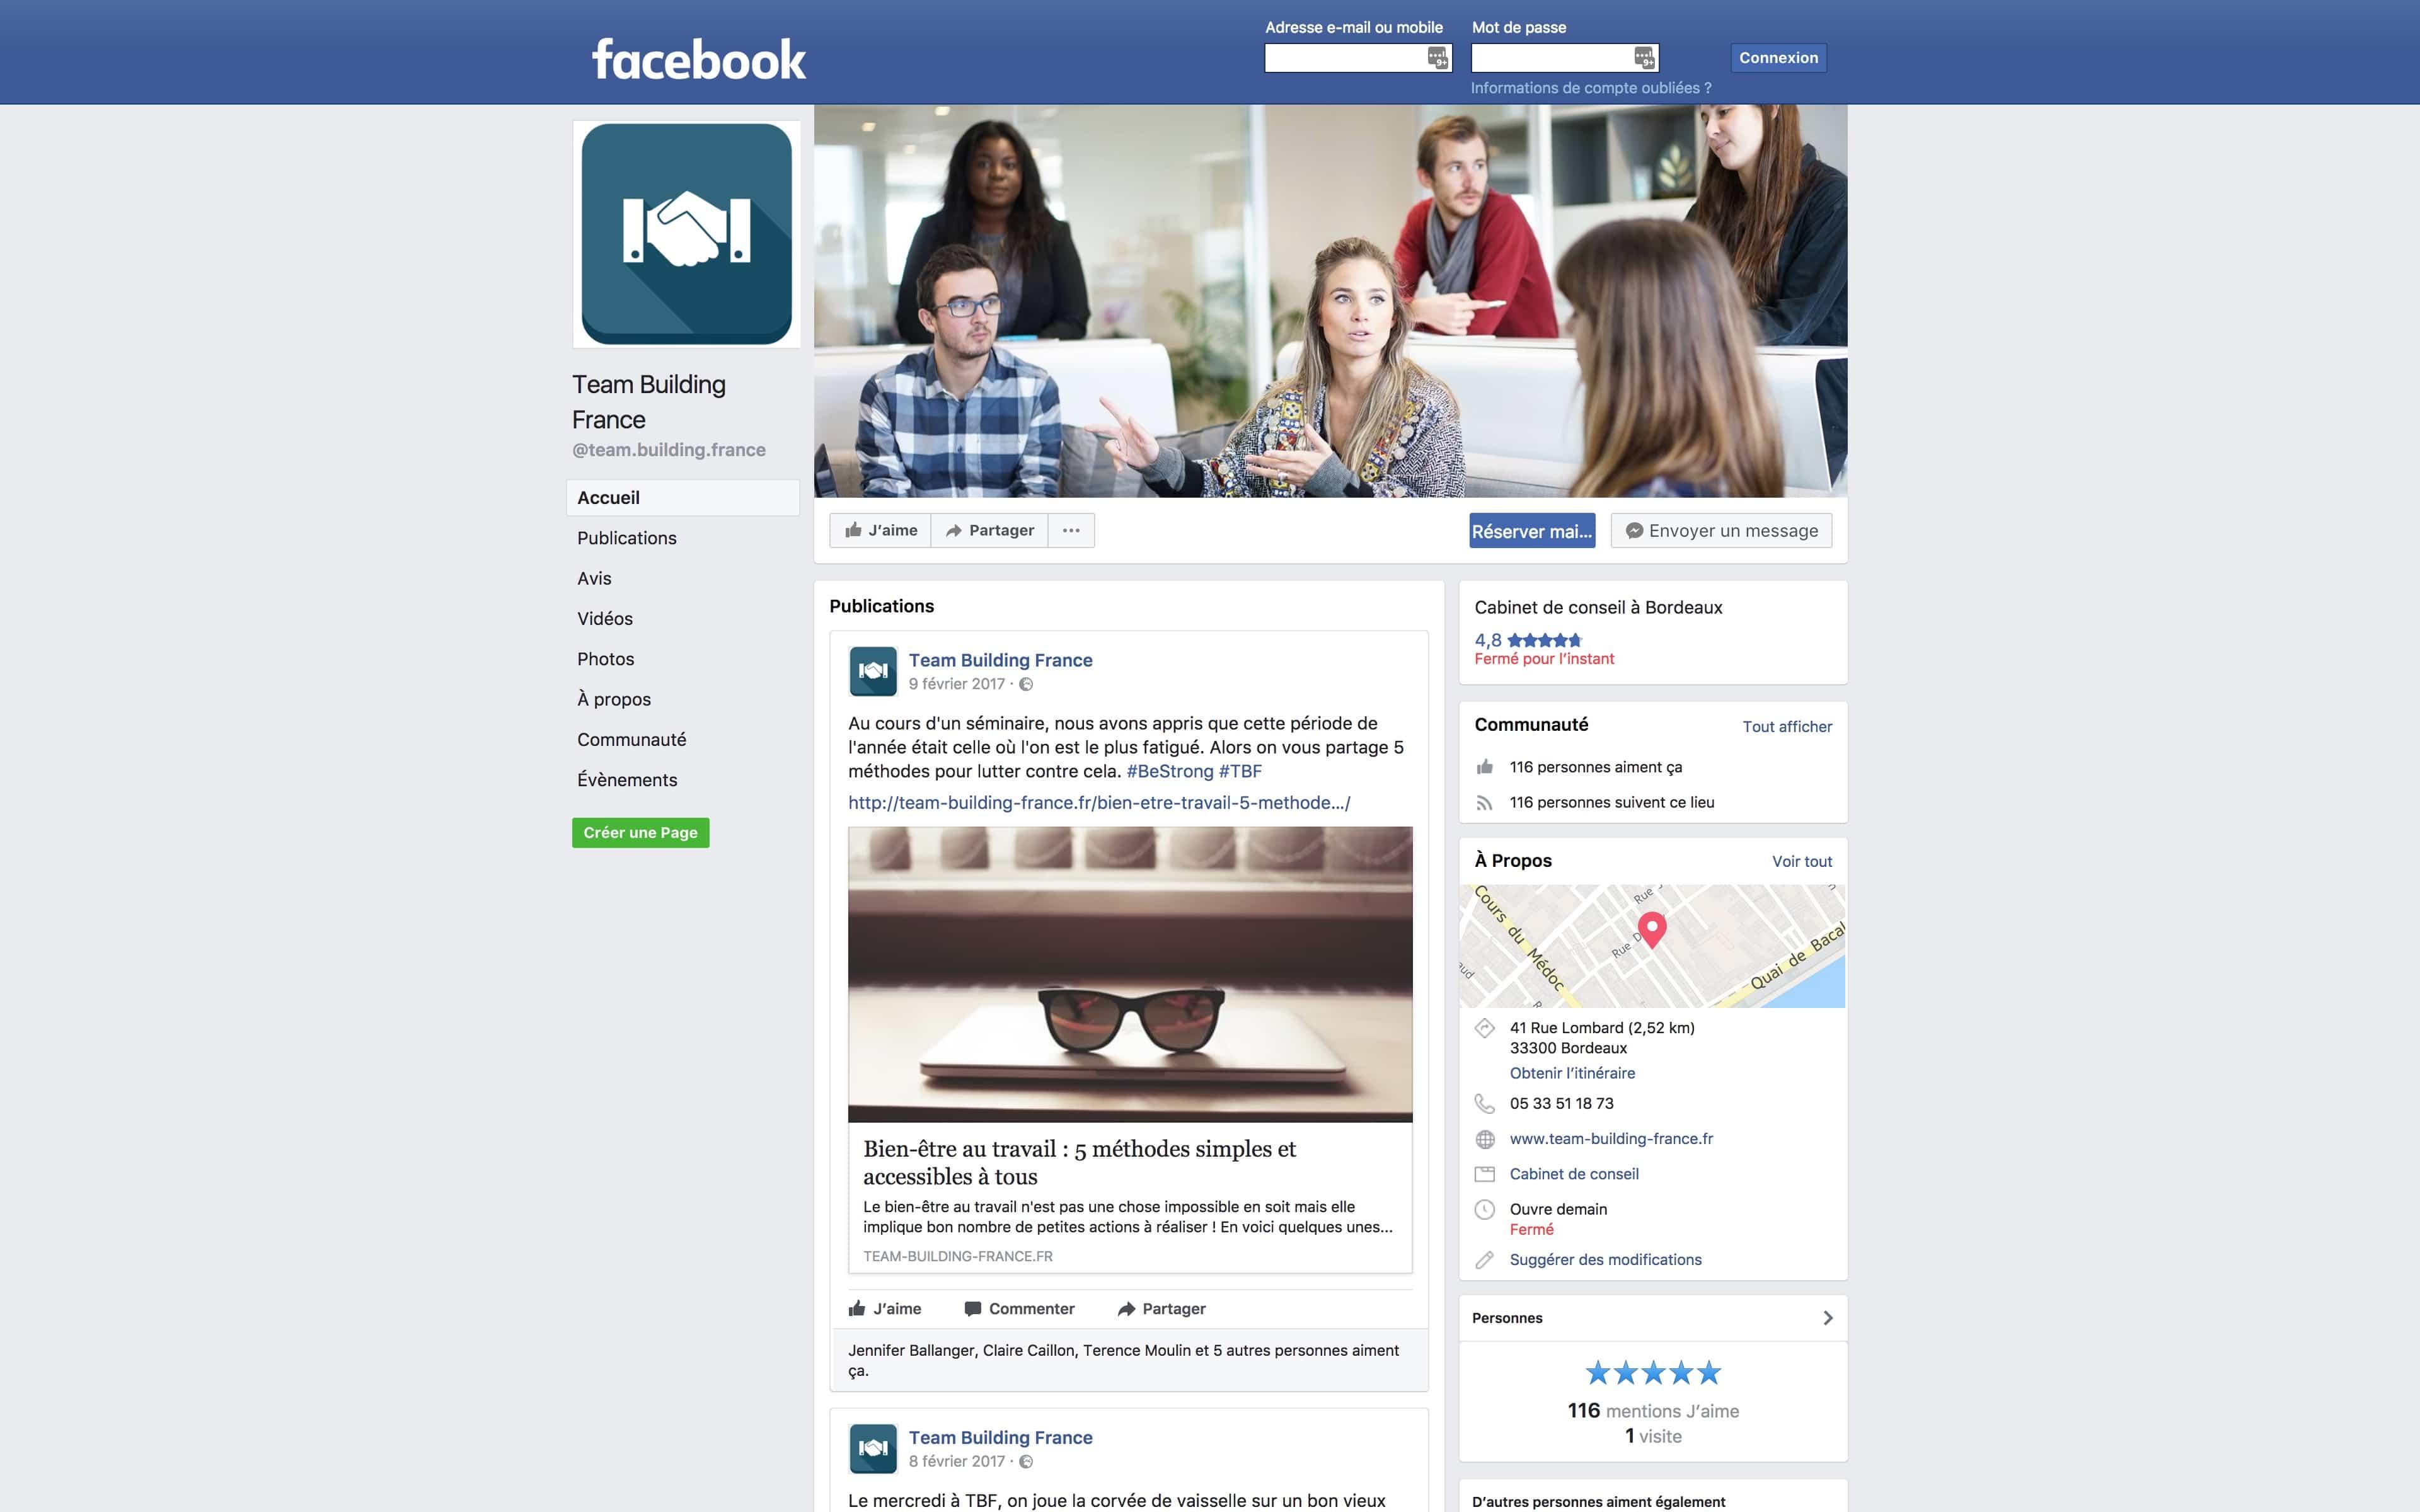 facebook team building france